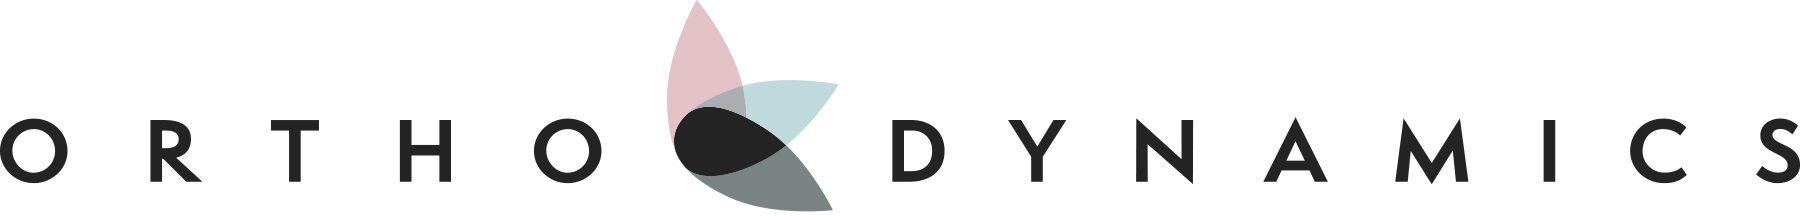 Ortho Dynamics Inc. Logo